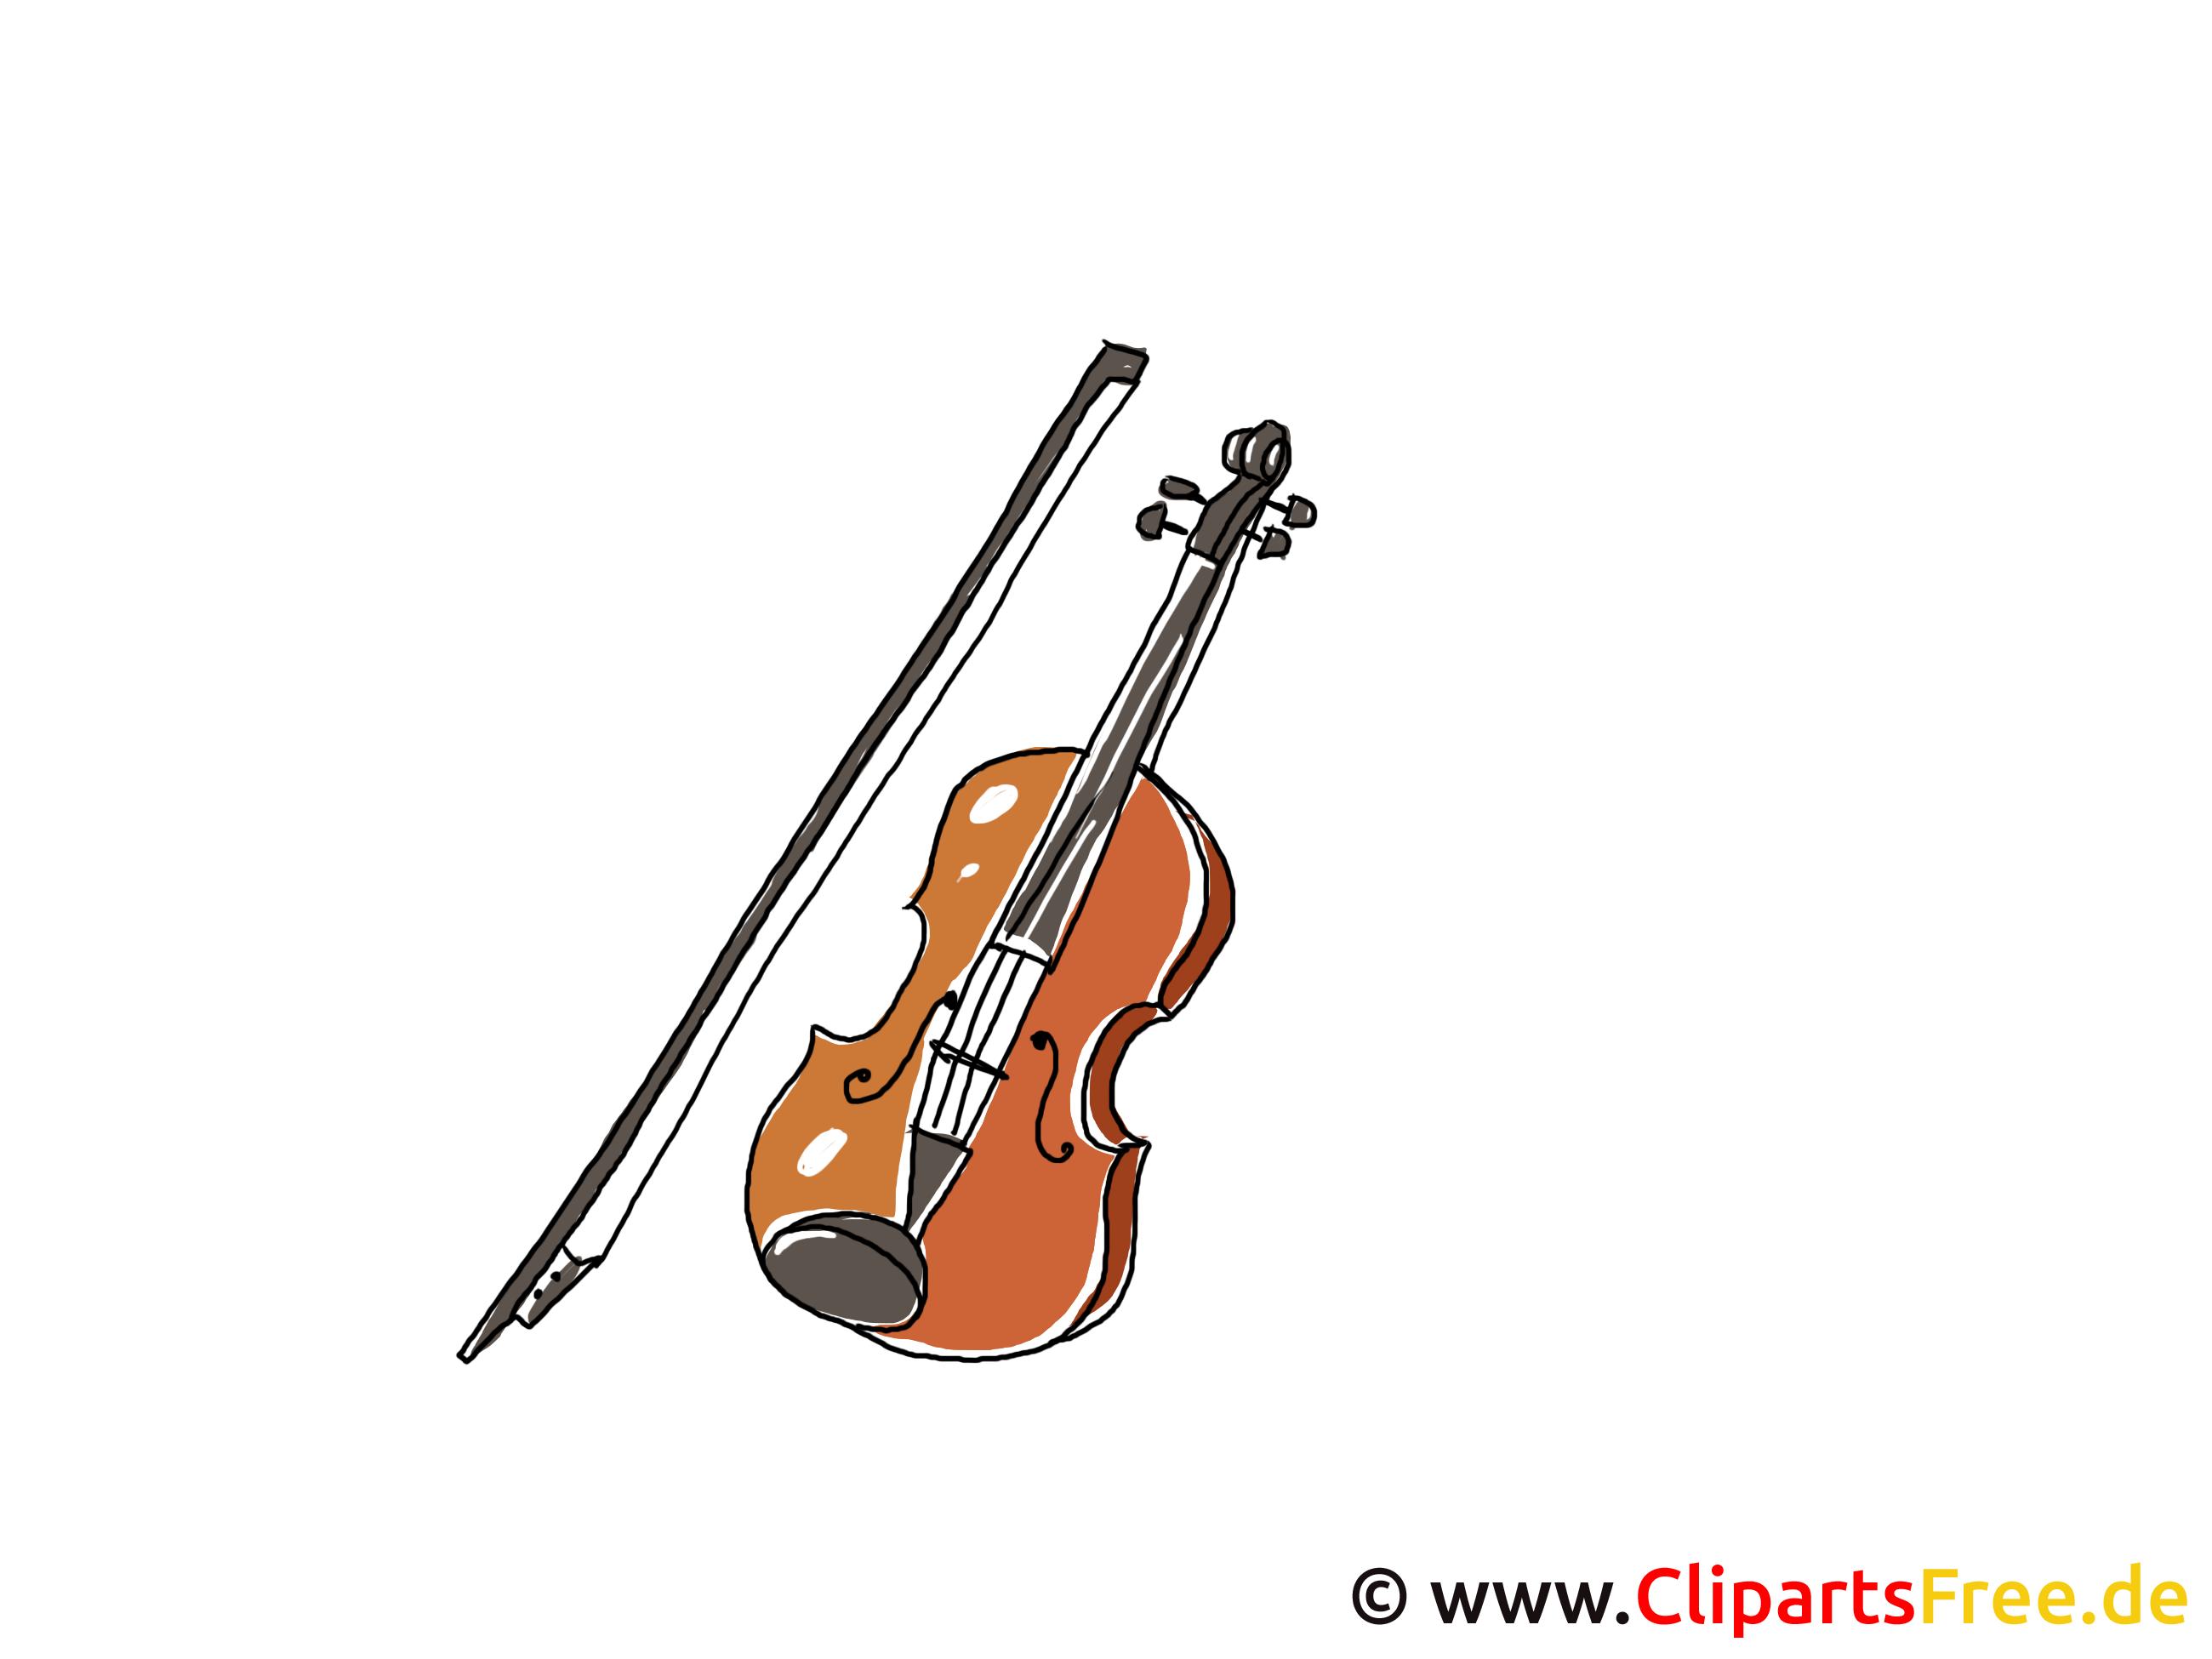 viool met strijkstok clipart